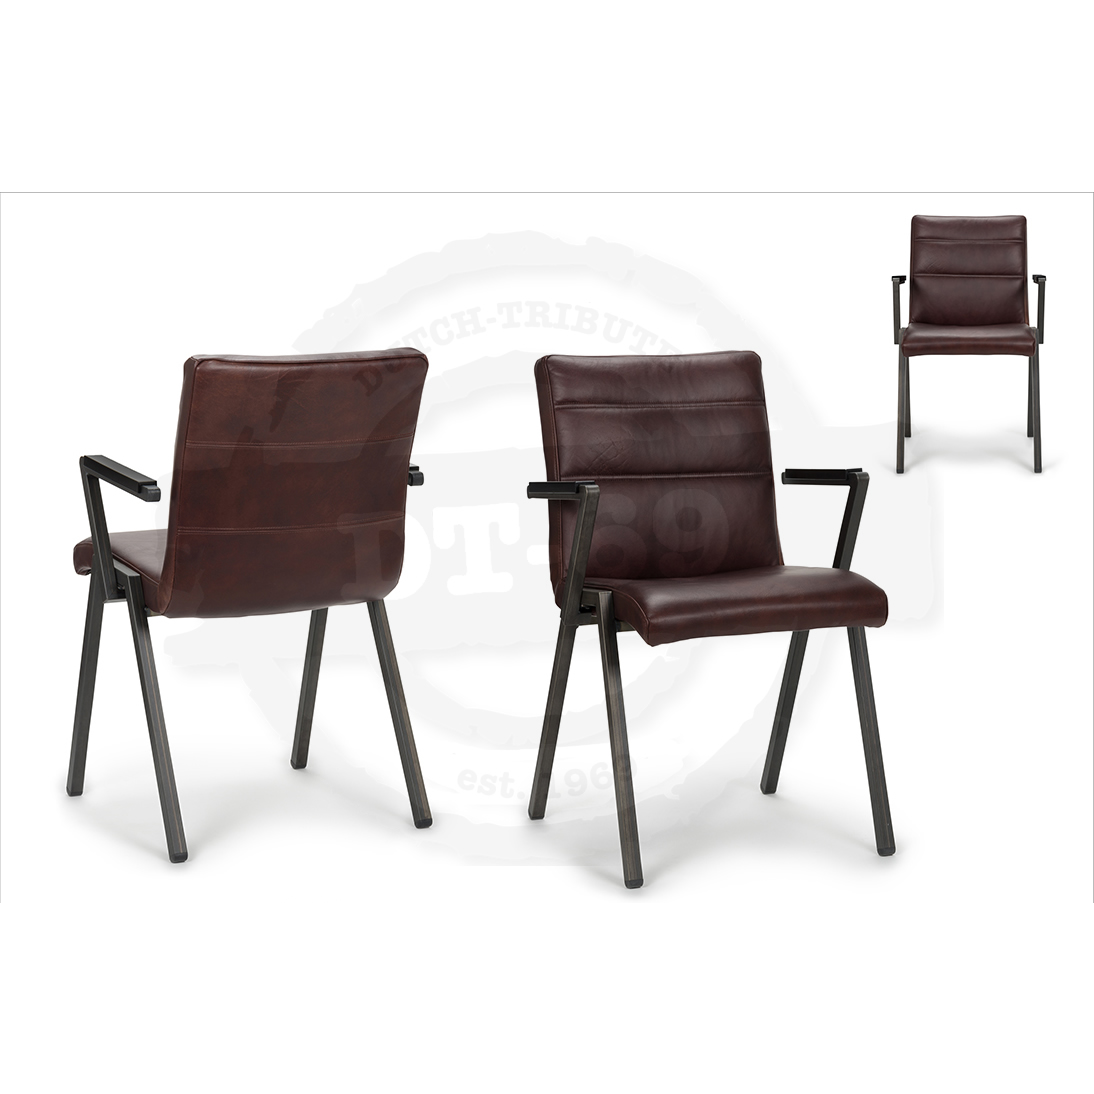 Industrial Design Stuhl Beam - mit Armlehnen S008